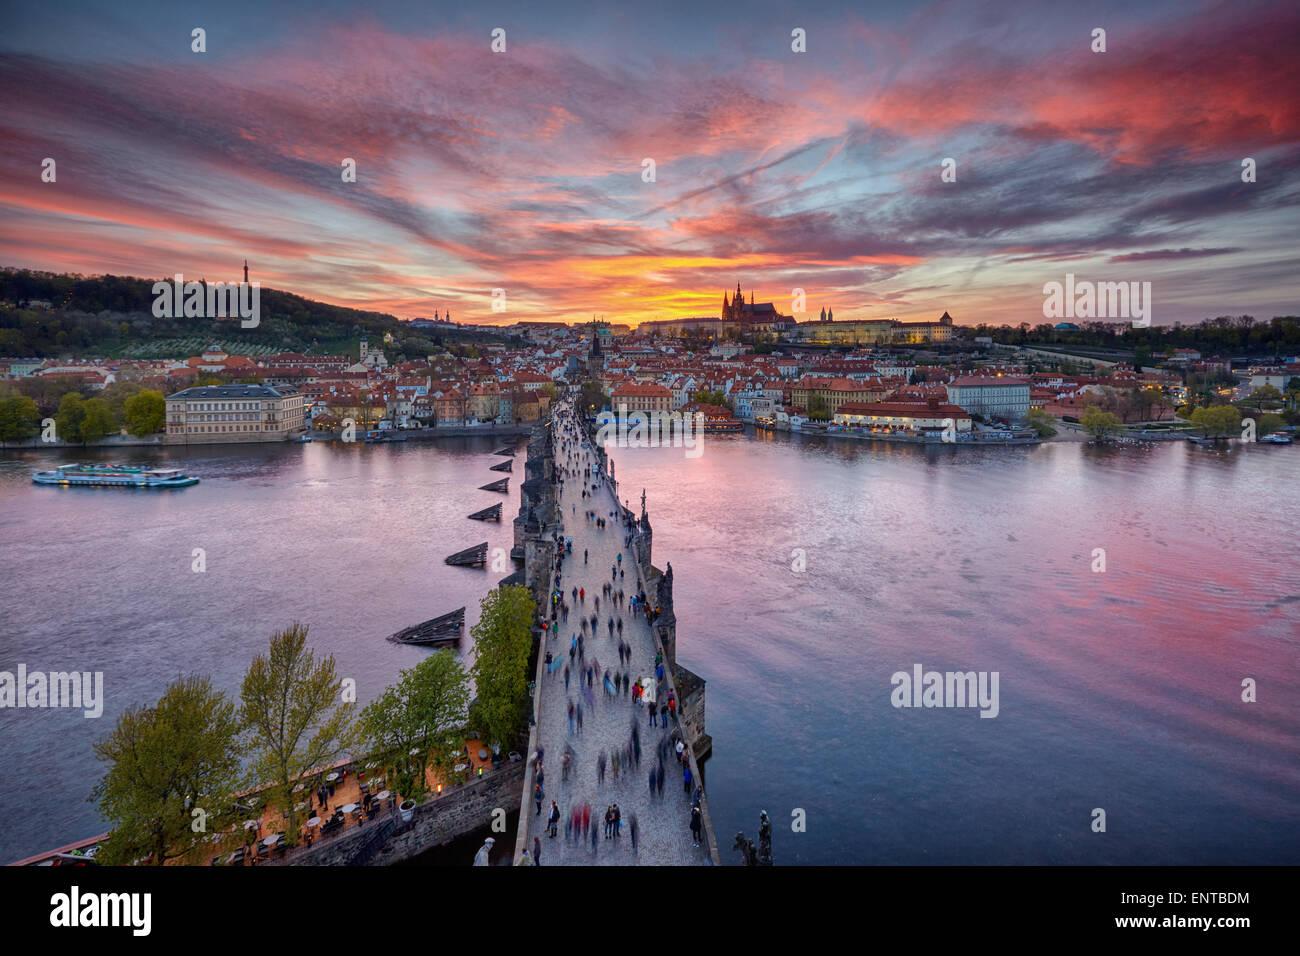 Puesta de sol sobre el puente de Carlos y el Castillo de Praga Imagen De Stock